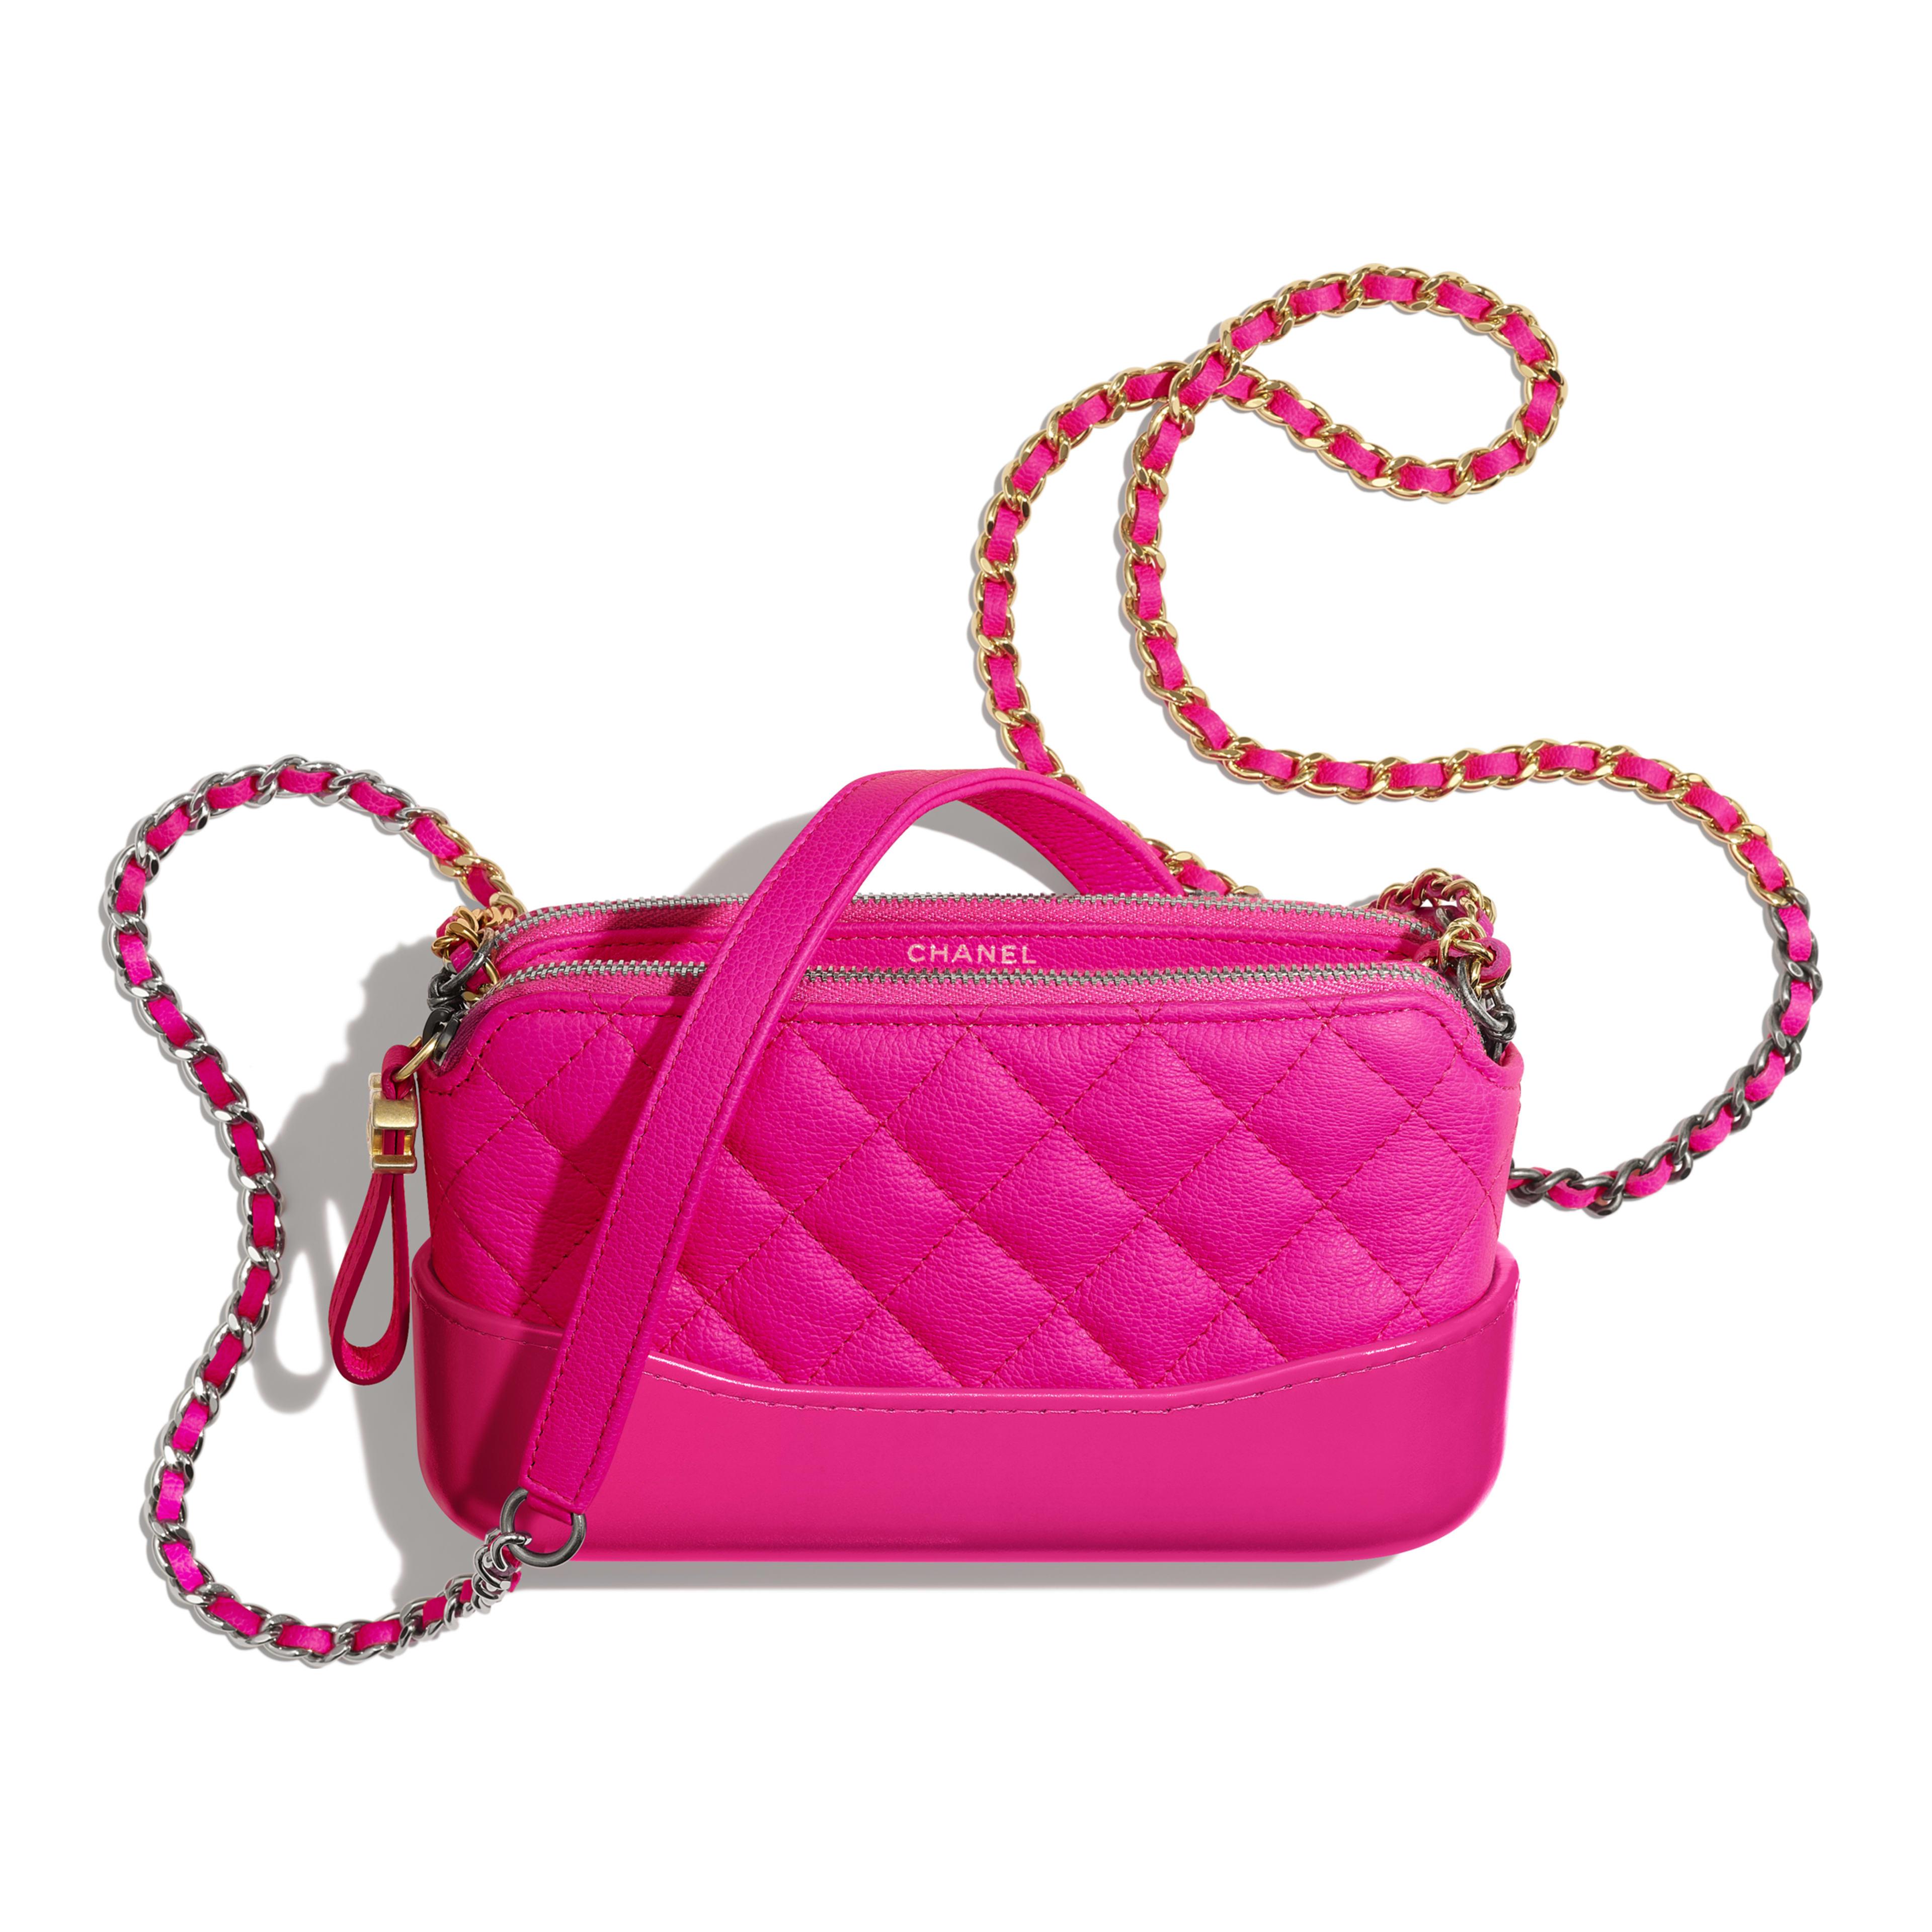 กระเป๋าคลัทช์พร้อมสายโซ่ - สีชมพู - หนังแพะ โลหะสีทองและโลหะสีเงิน - มุมมองอื่น - ดูเวอร์ชันขนาดเต็ม